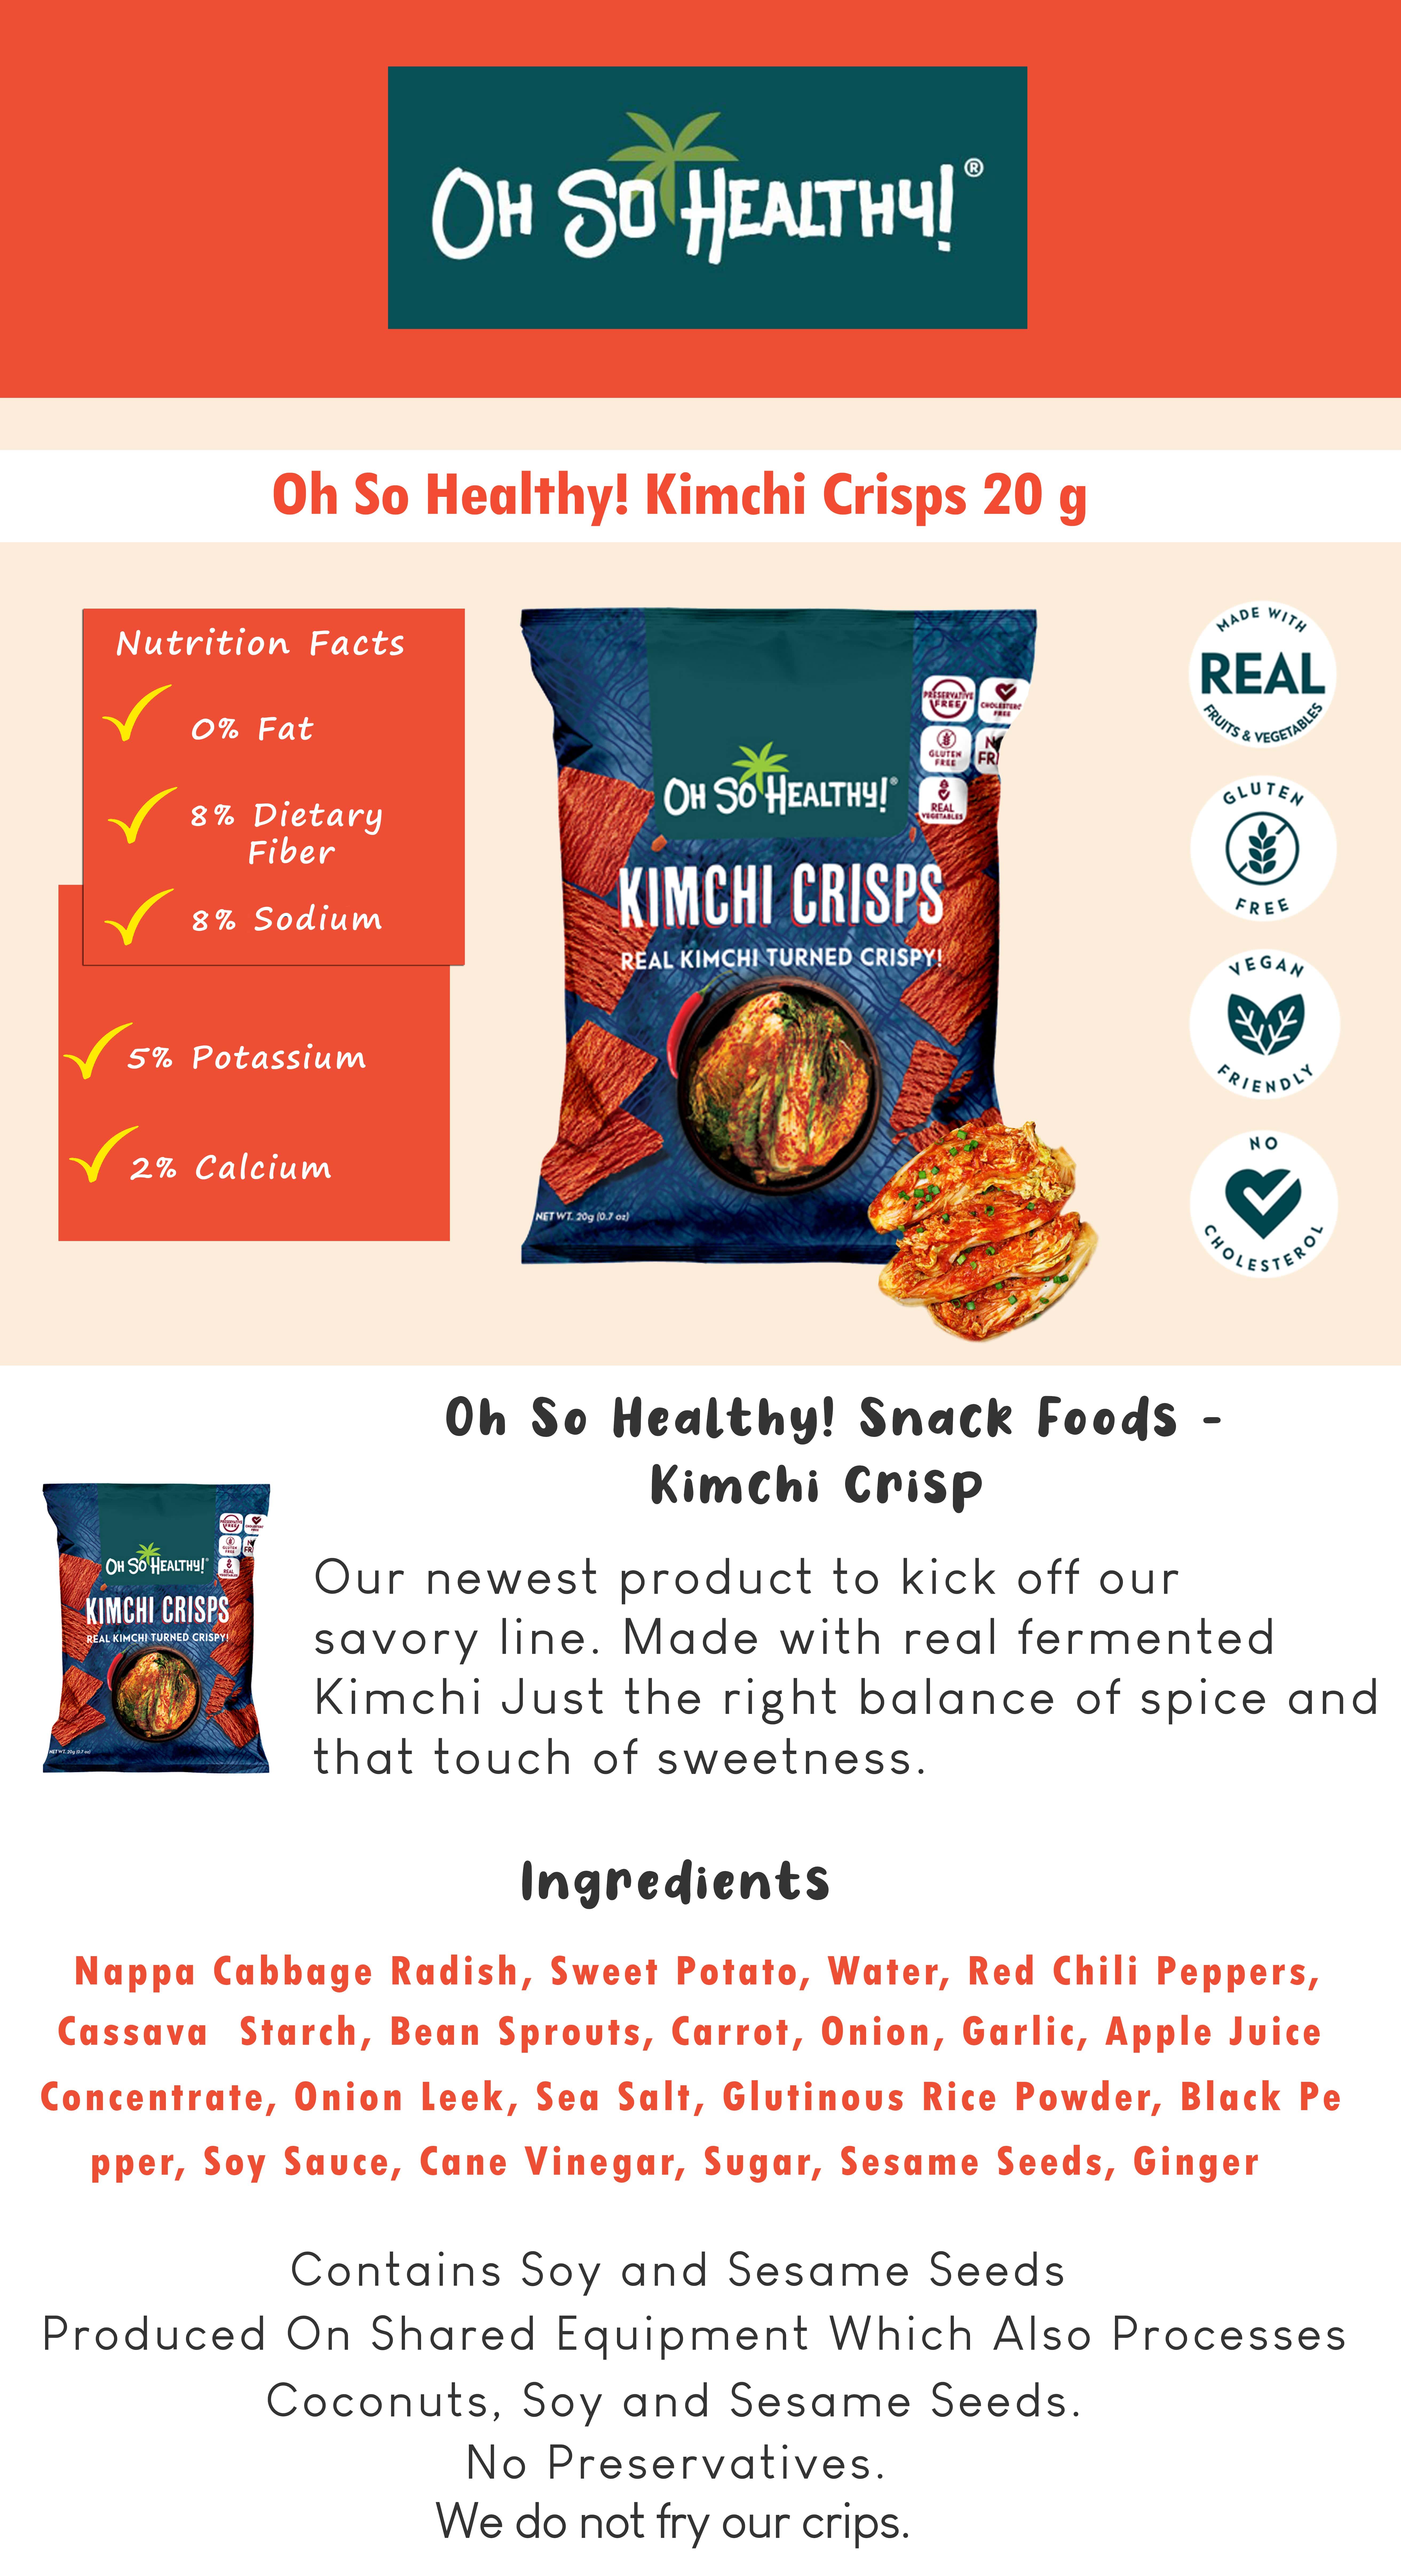 Kimchi Crisps 20g